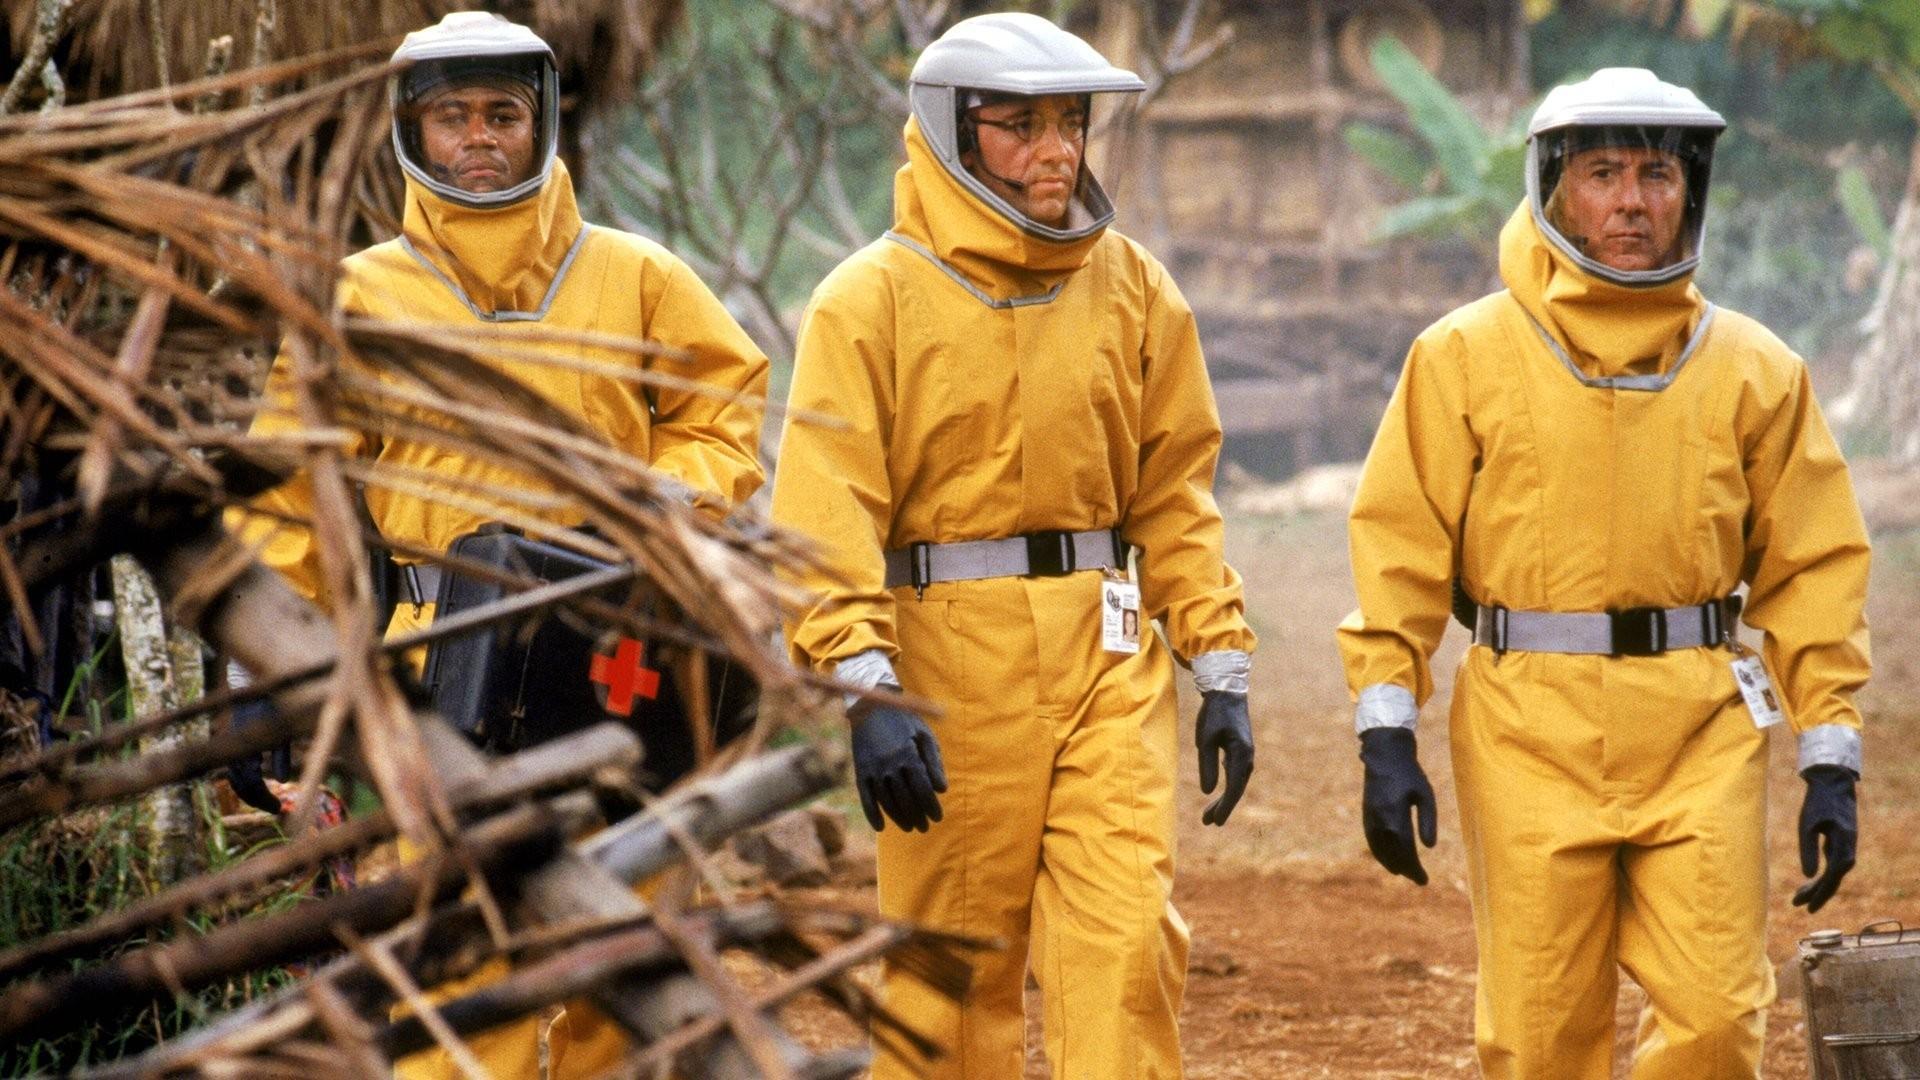 Estallido de Wolfgang Petersen es una de las producciones más recordadas del subgénero de epidemias víricas.